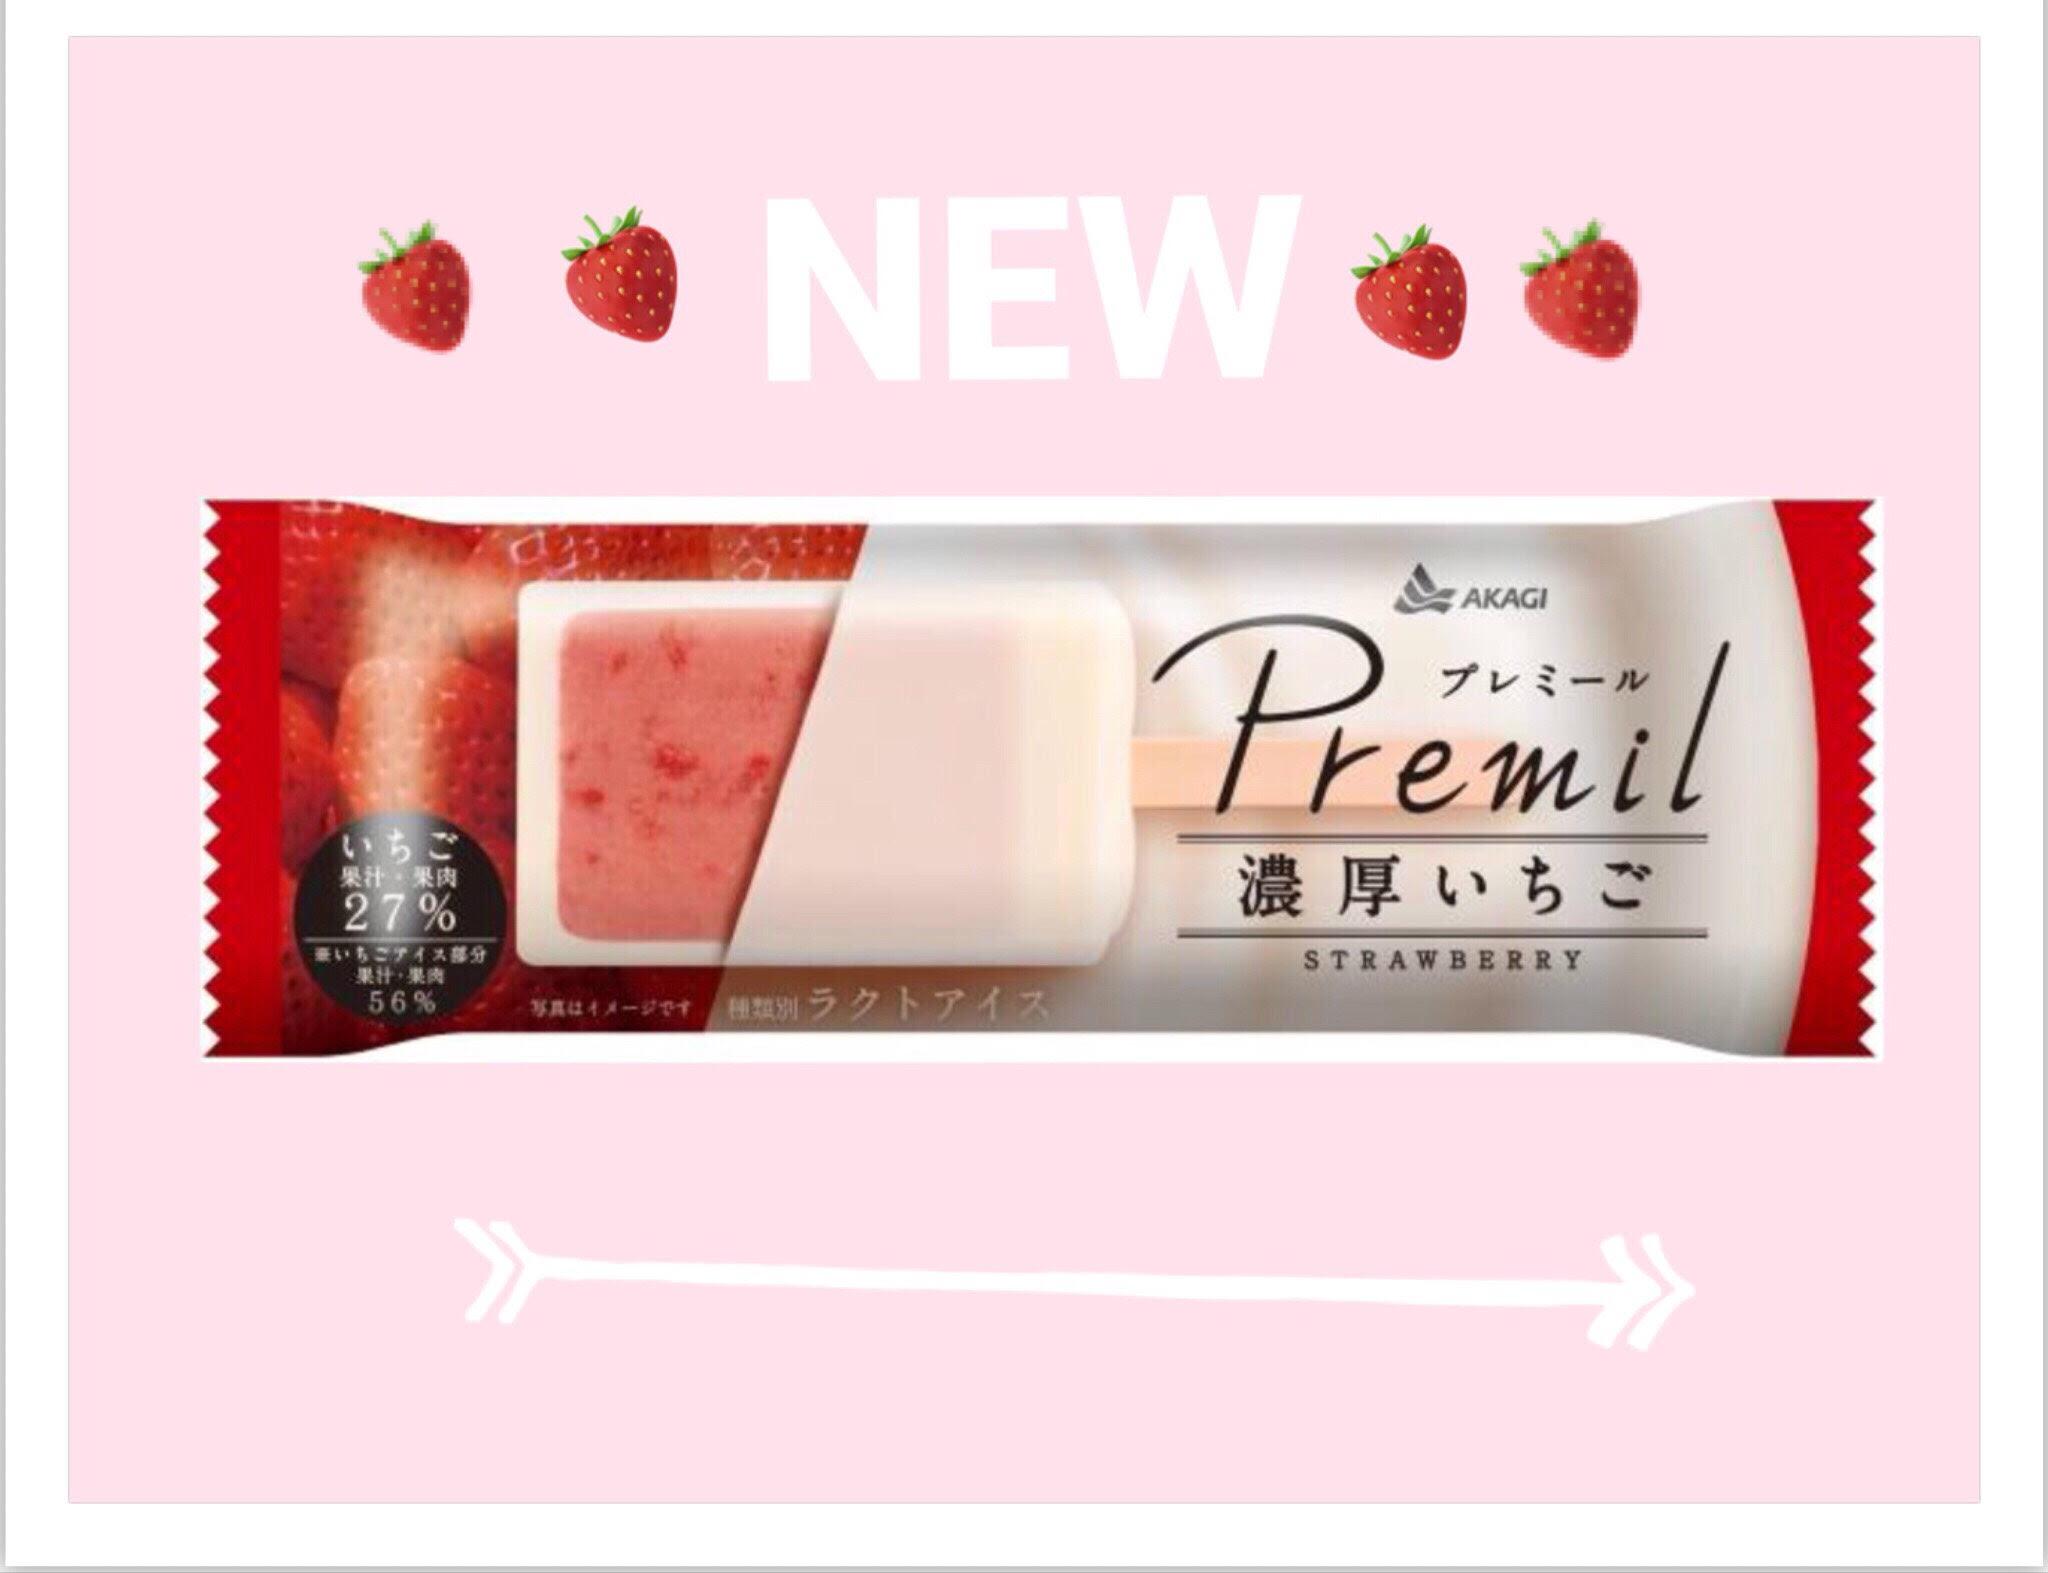 果汁・果肉56%使用🍓 新アイスブランド《Premil》から新食感の『濃厚いちご』誕生👼🍓